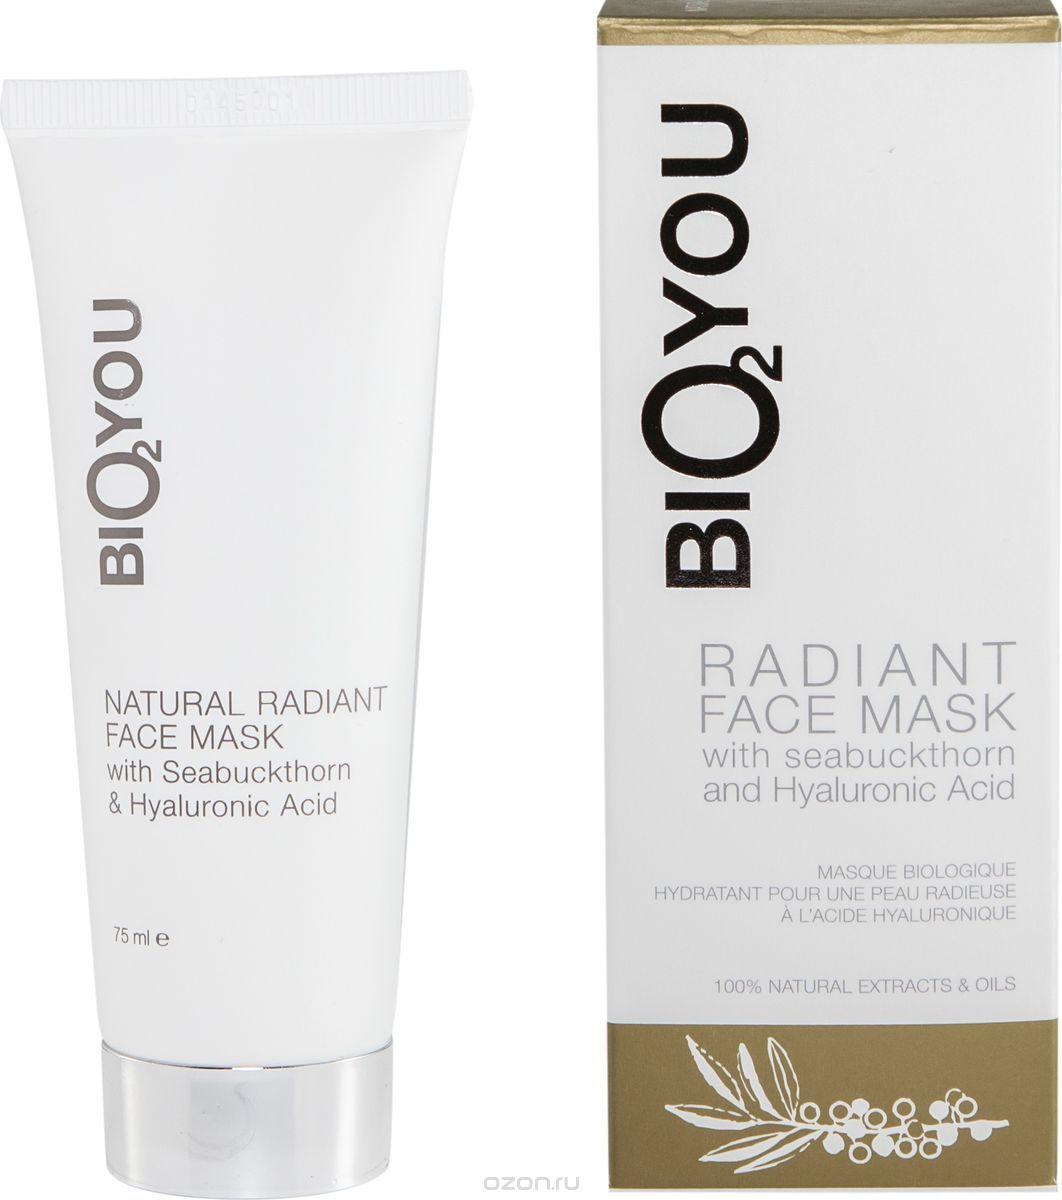 Маска косметическая BIO2YOU Натуральная для лица с эффектом сияния: с облепихой и гиалуроновой кислотой